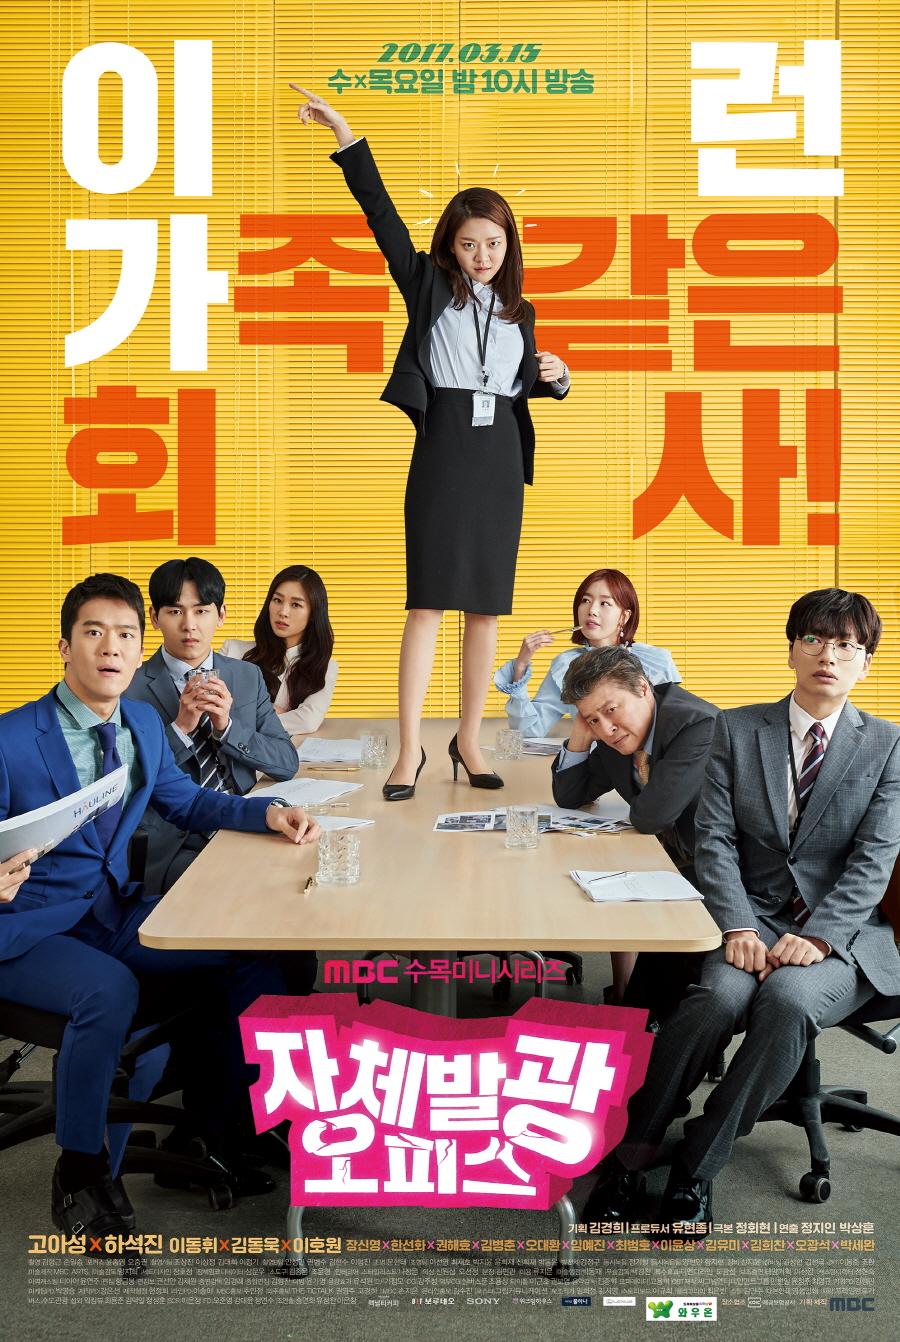 [韓劇] Radiant Office (자체발광 오피스) (2017) 7nj6Eu1K2HvI636265513388218551